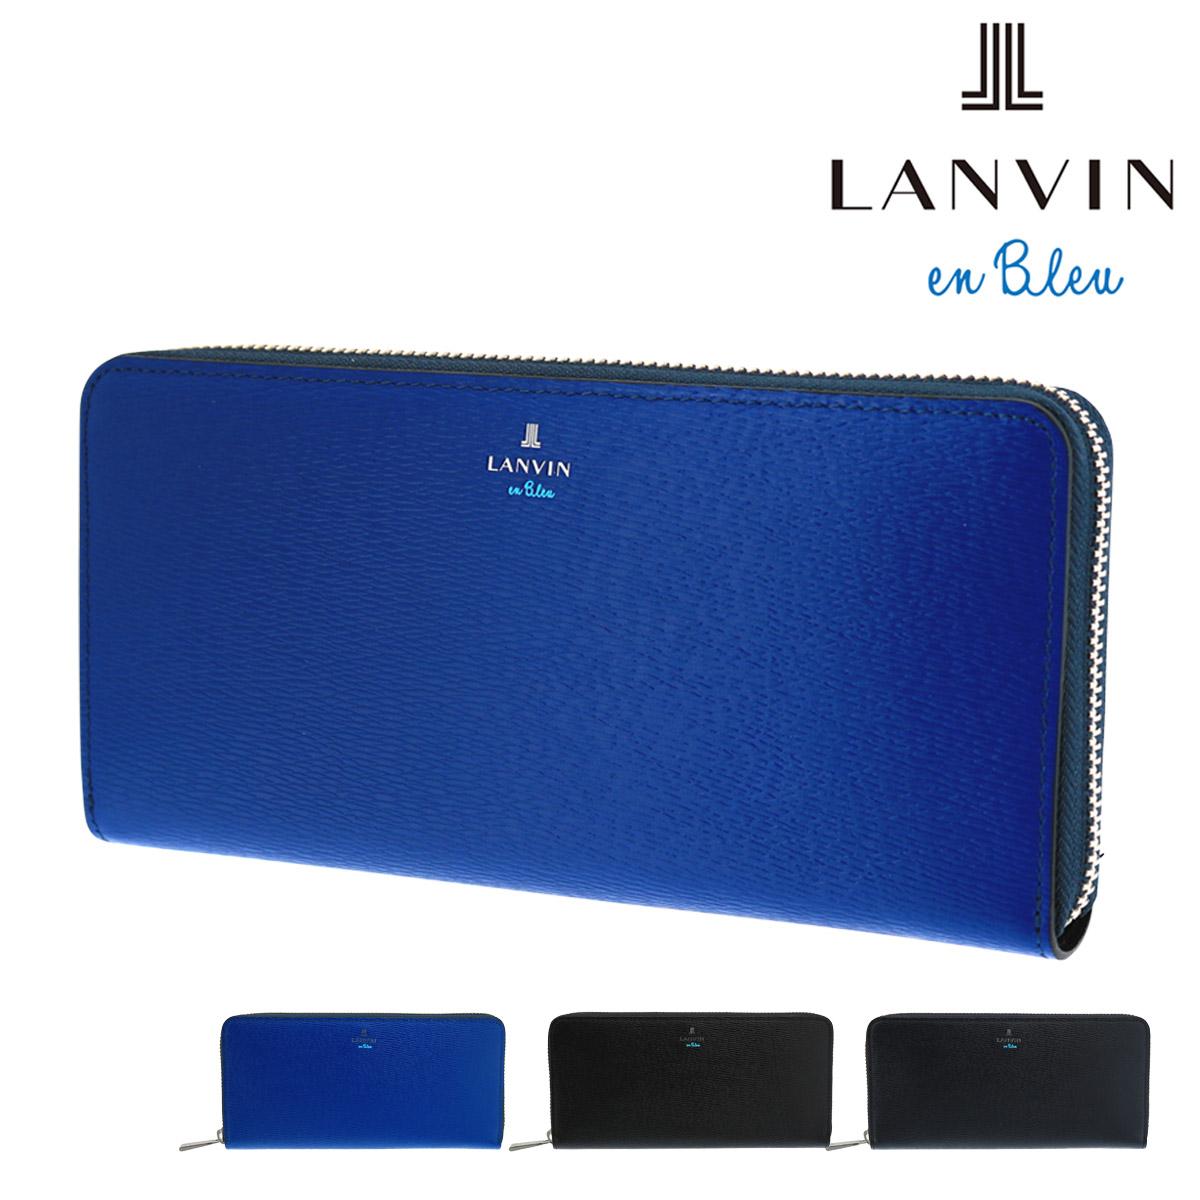 ランバンオンブルー 長財布 ラウンドファスナー ワグラム メンズ579606 LANVIN en Bleu | ブランド専用BOX付き 本革 レザー